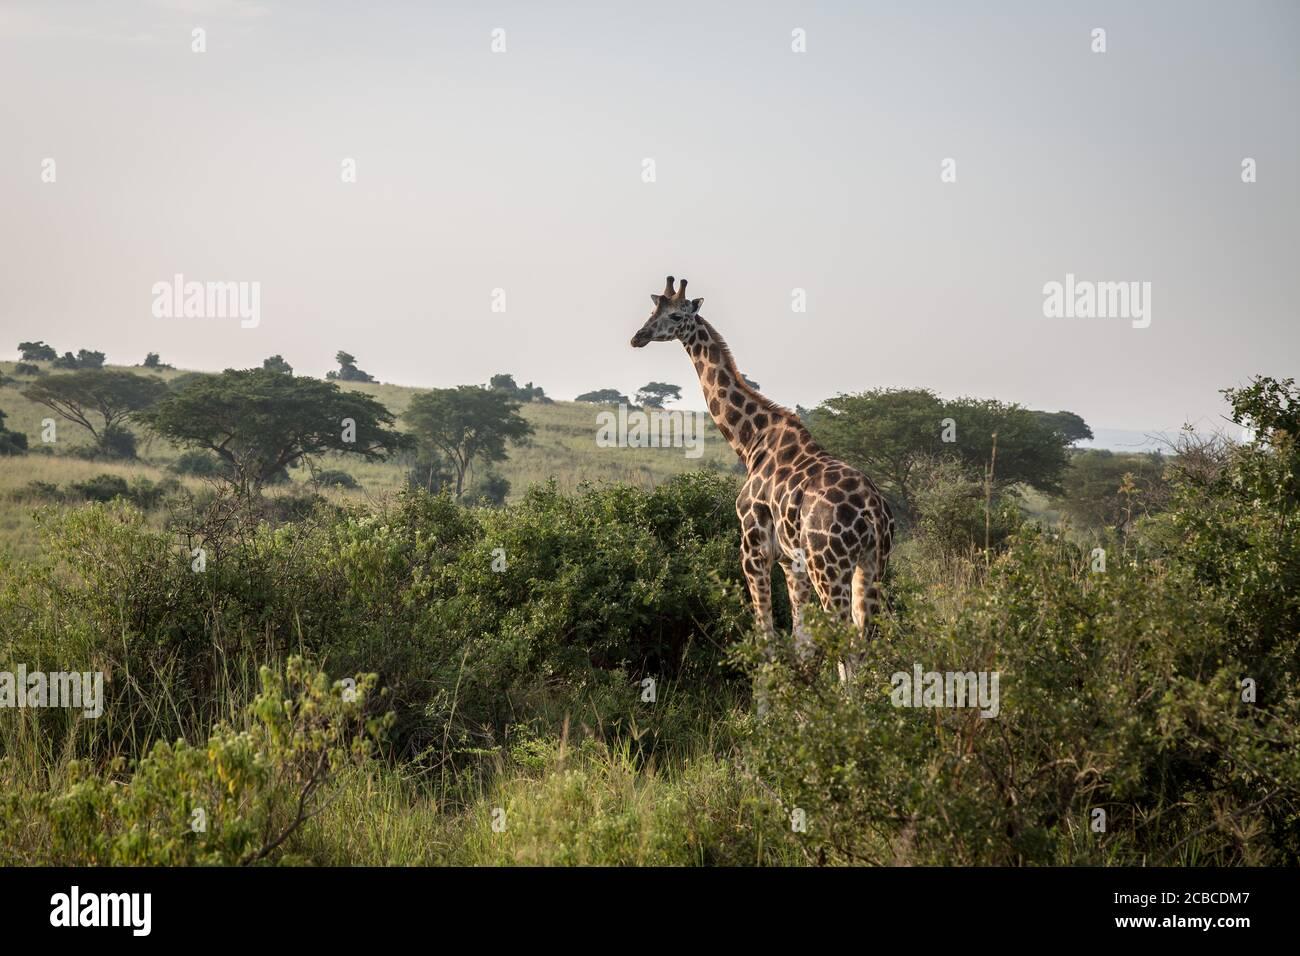 En Murchison Falls, el parque nacional más grande de Uganda, aparece una jirafa. La caza furtiva ha aumentado en Murchison Falls desde que comenzó la pandemia, mientras que se espera que Uganda pierda más de mil millones de dólares en turismo este año. Foto de stock